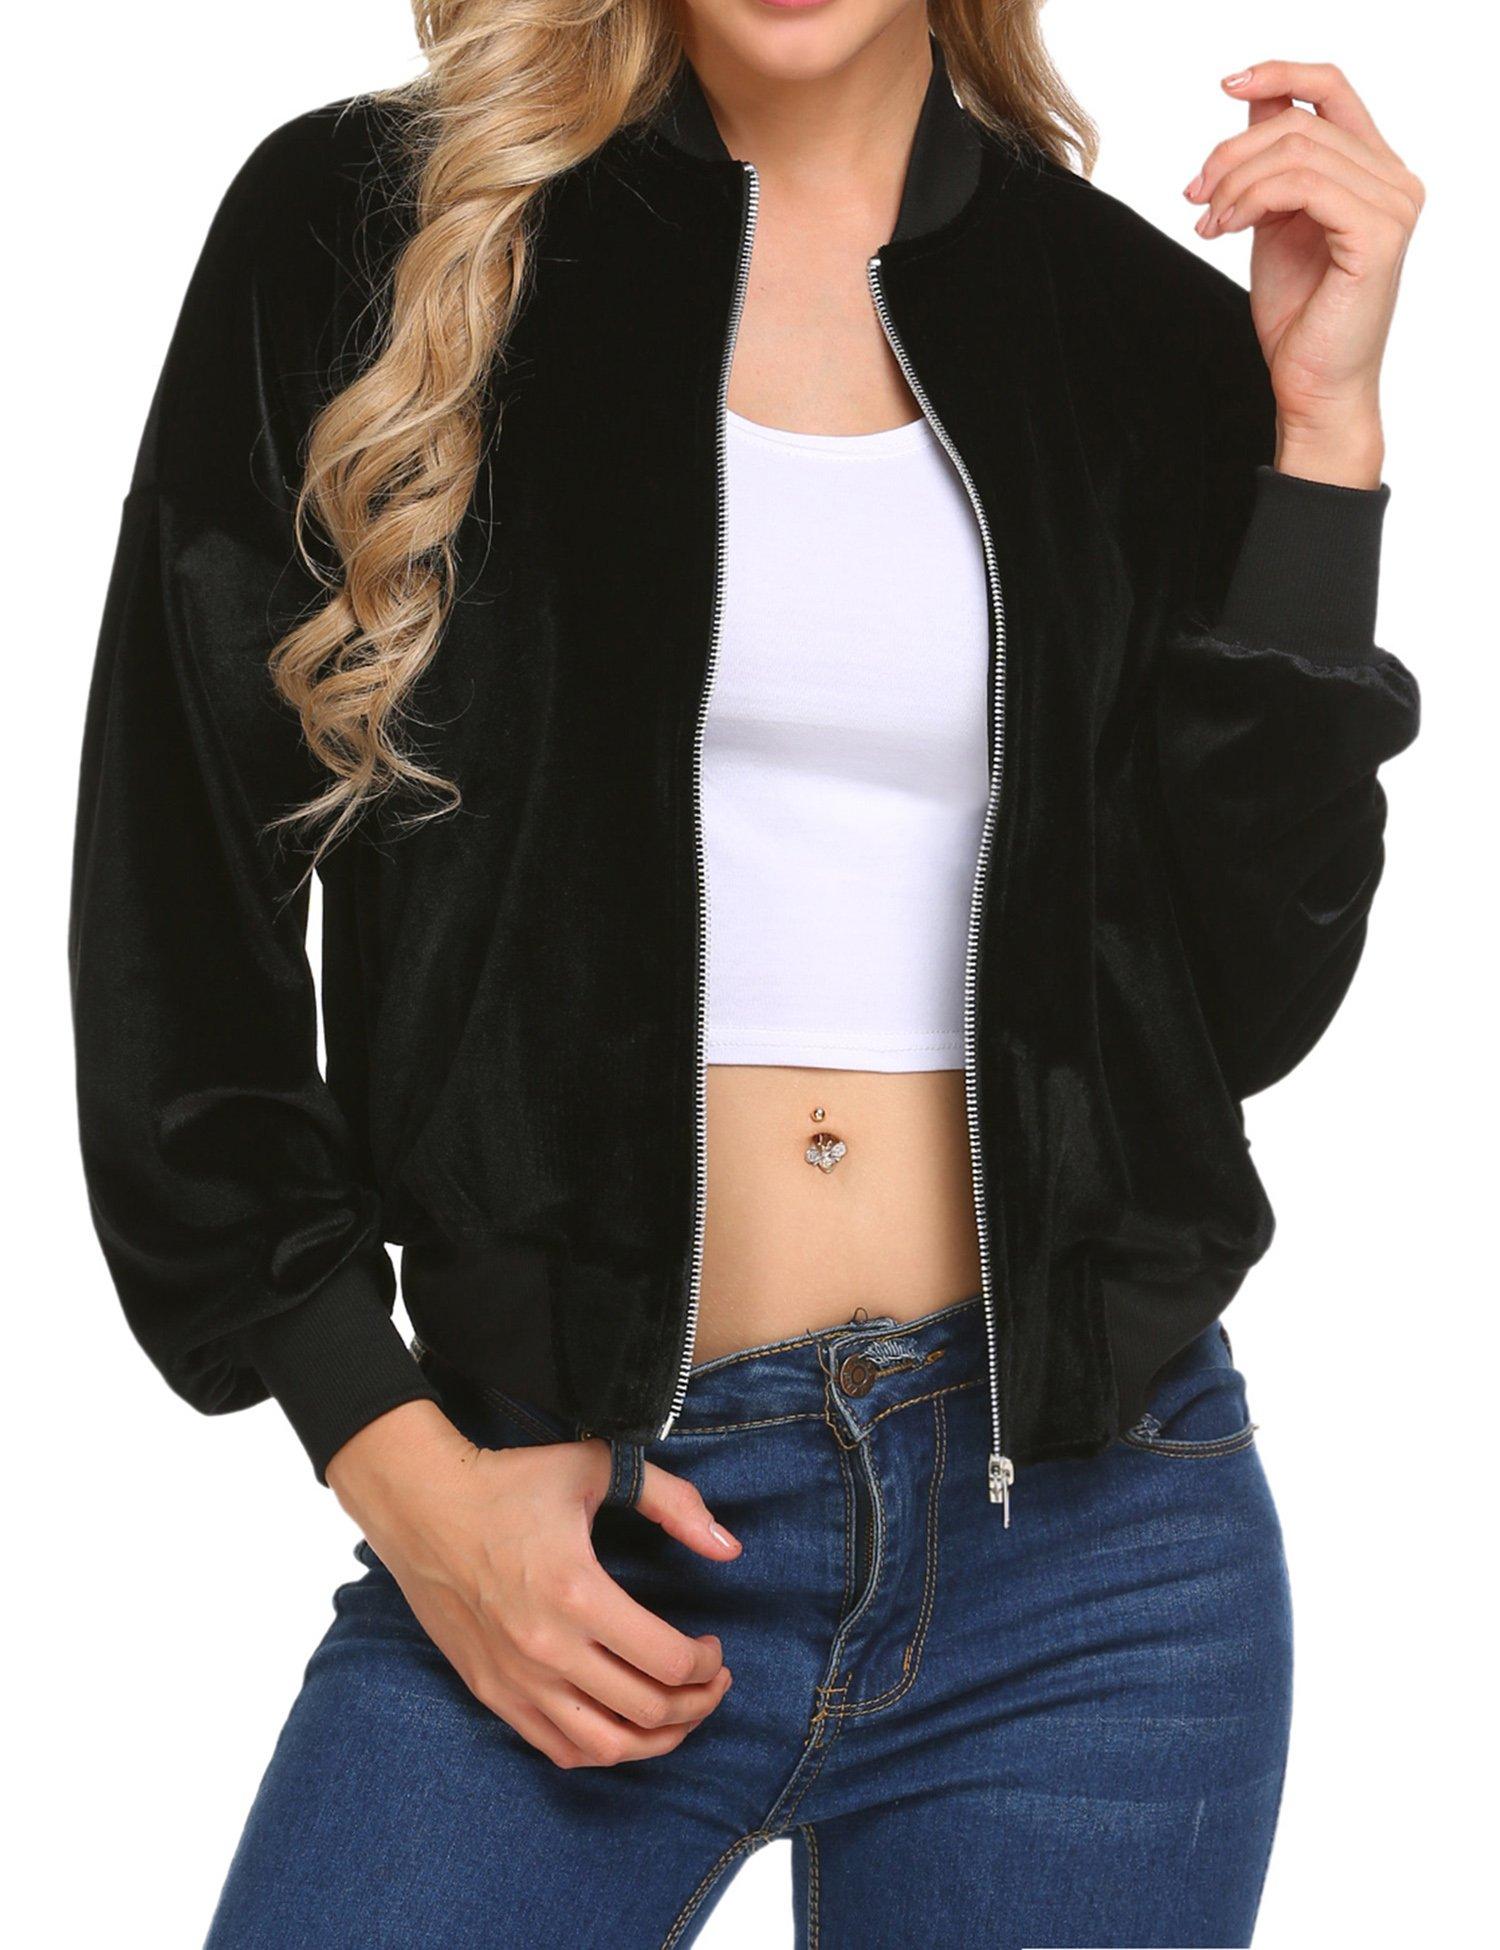 Beyove Women's Lightweight Velvet Coat Hooded Active Outdoor Windbreaker Jacket Black S by Beyove (Image #2)